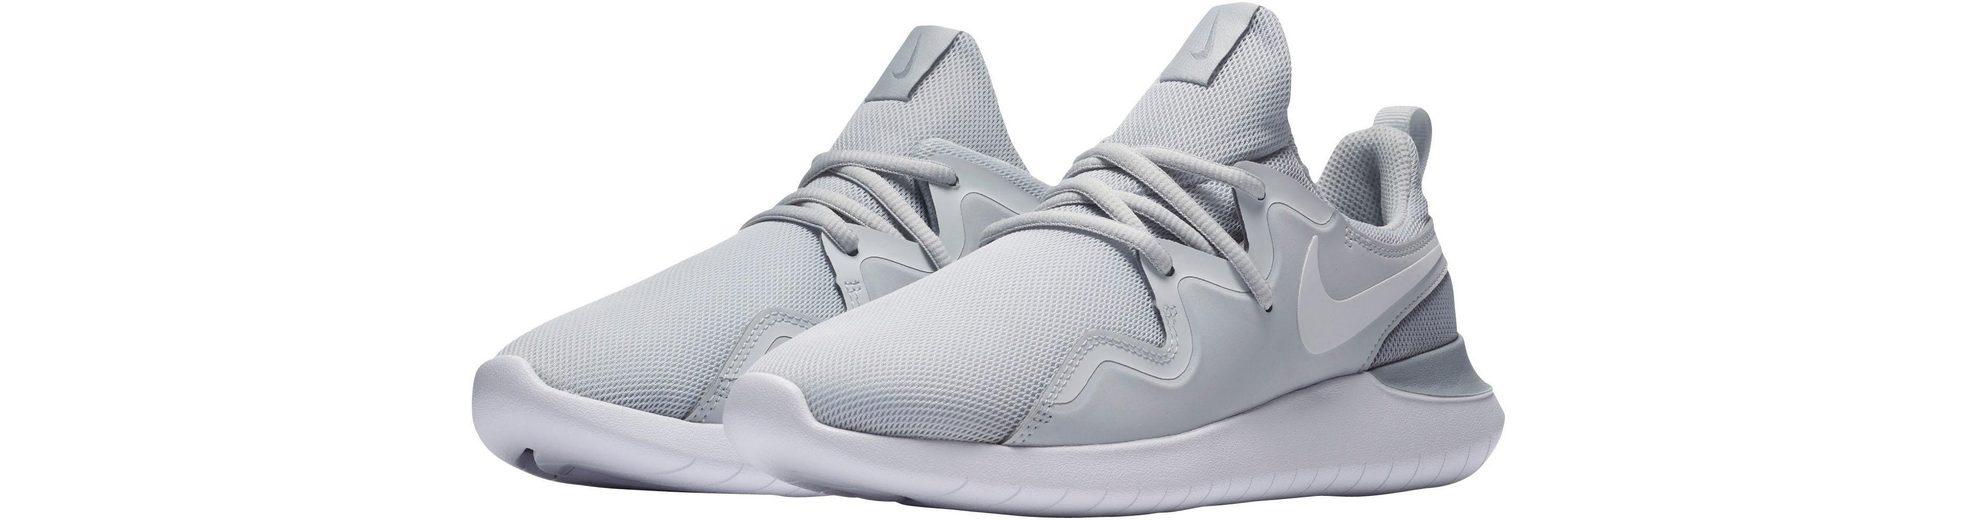 Neue Ankunft Art Und Weise Nike Sportswear Wmns Tessen Sneaker Günstiger Preis Vorbestellung Billig Verkaufen Hochwertige Klvikz3L